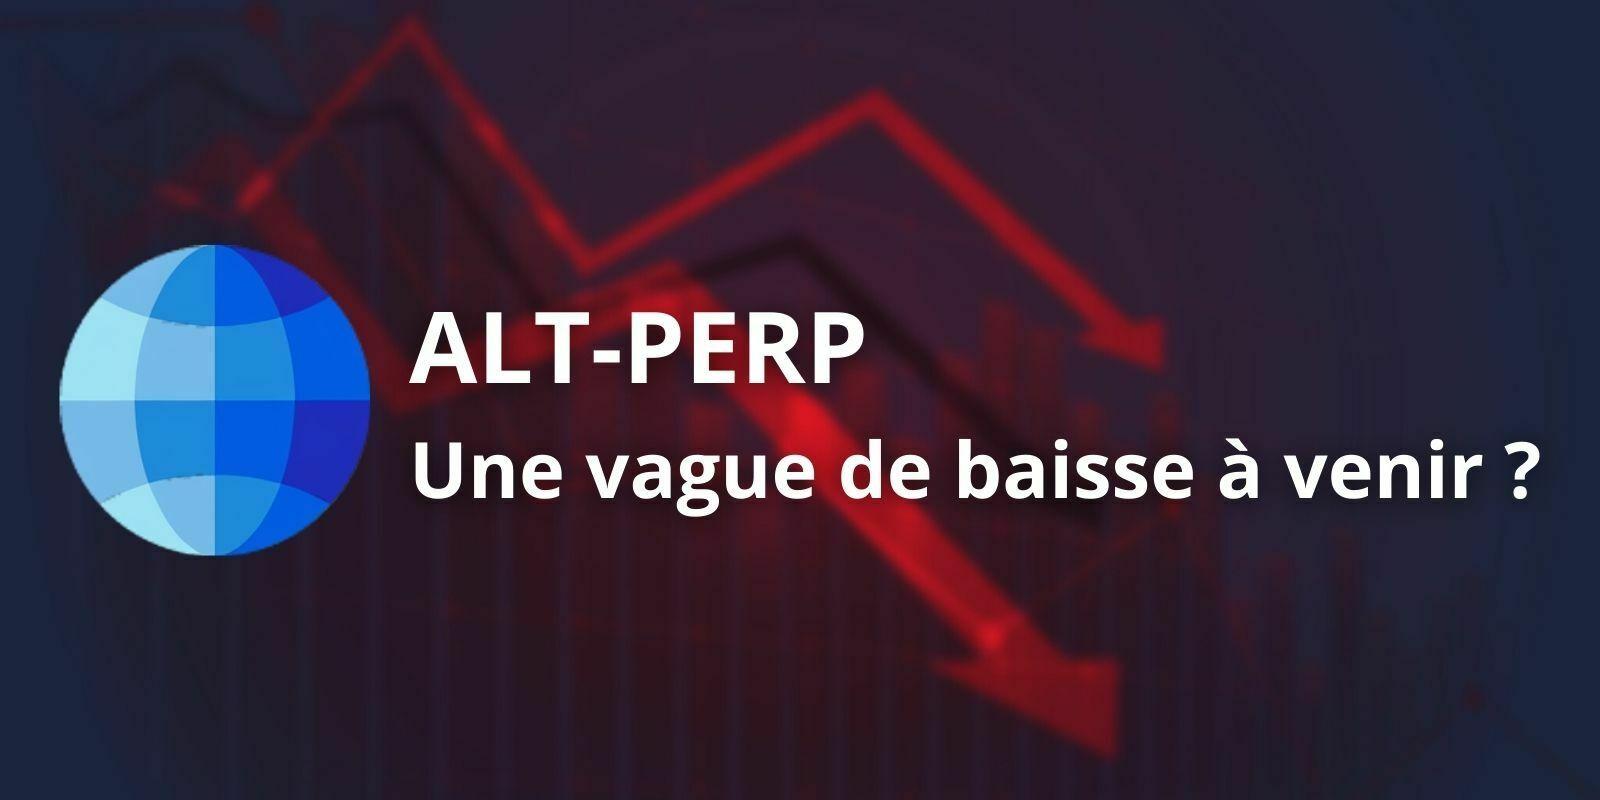 Analyse technique de l'indice ALT-PERP - Une vague de baisse à venir ?